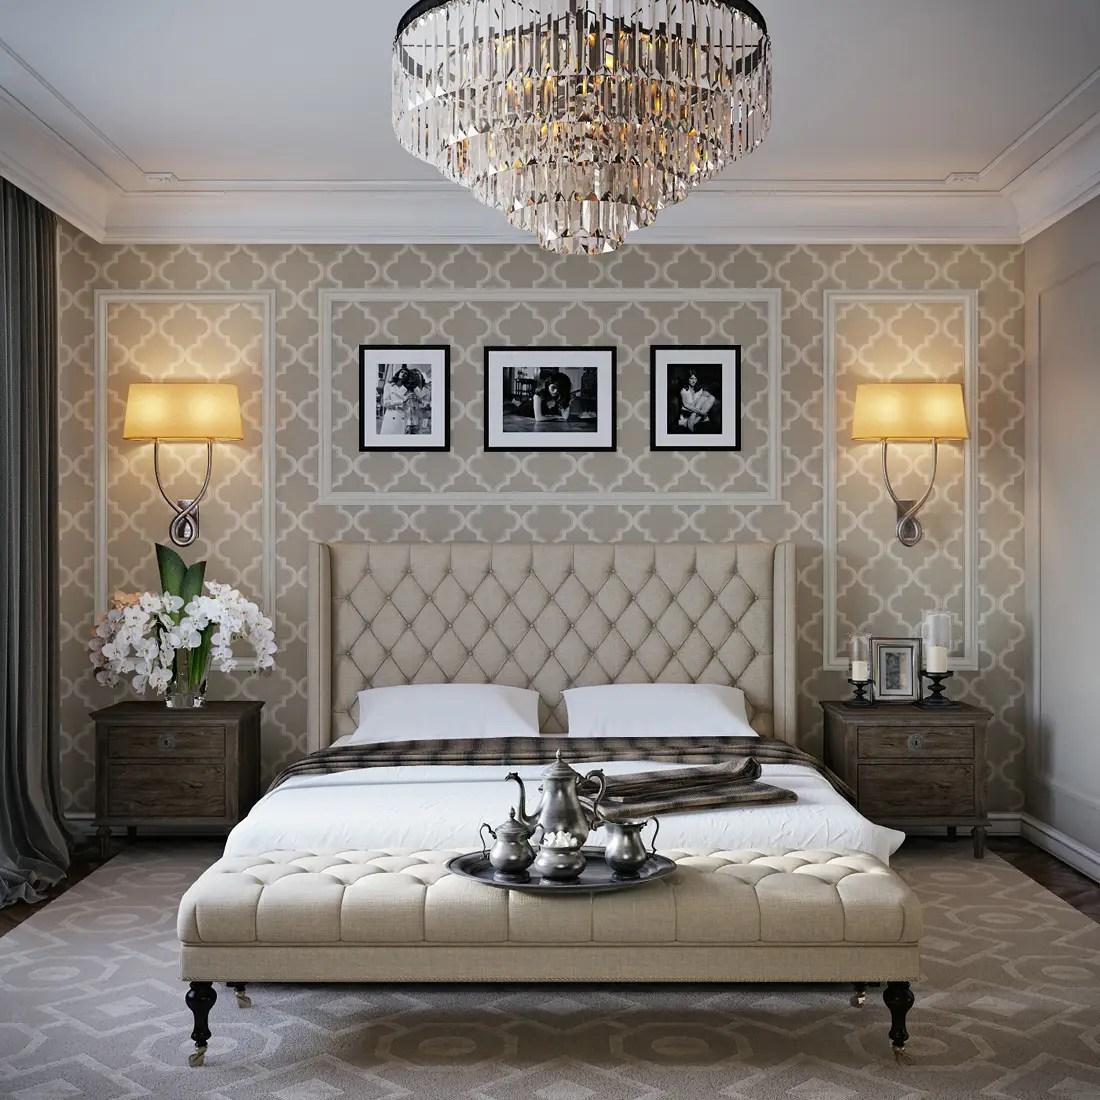 De mooiste ideen voor een boudoir stijl slaapkamer